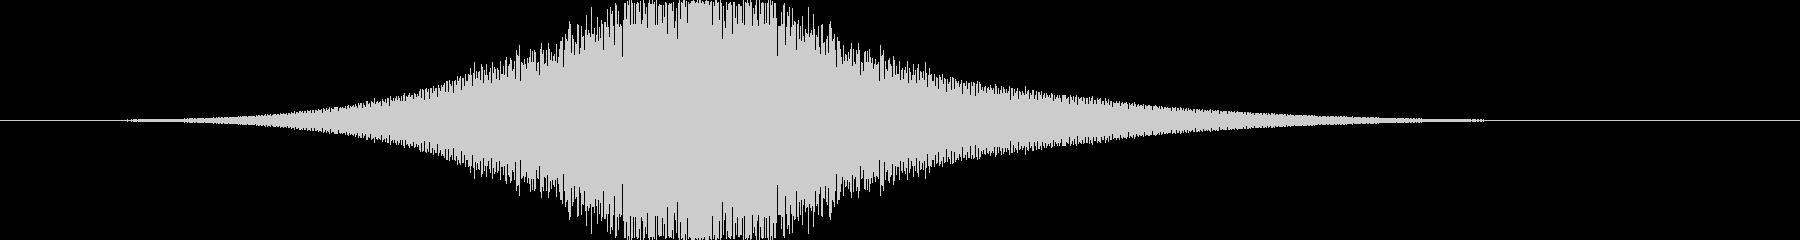 フェード/インパクト/銃声/大きくなるの未再生の波形